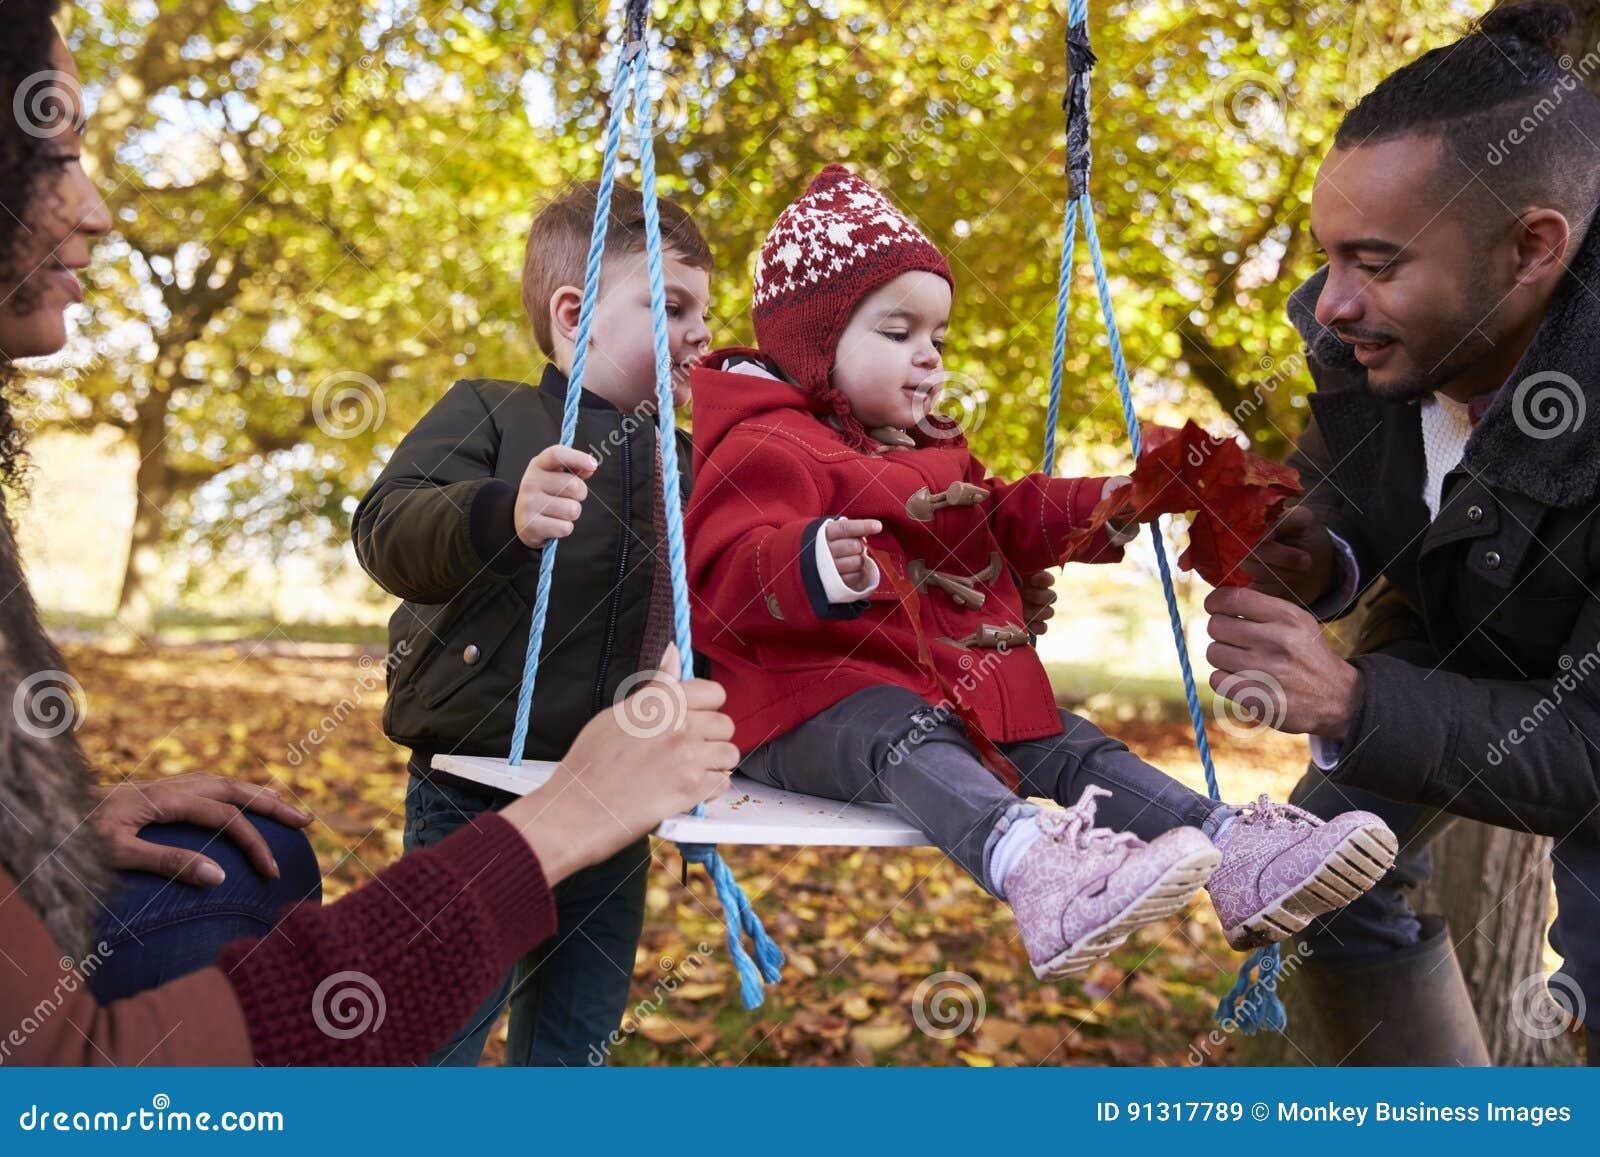 Ouders met Kinderen die op Boomschommeling spelen in Autumn Garden